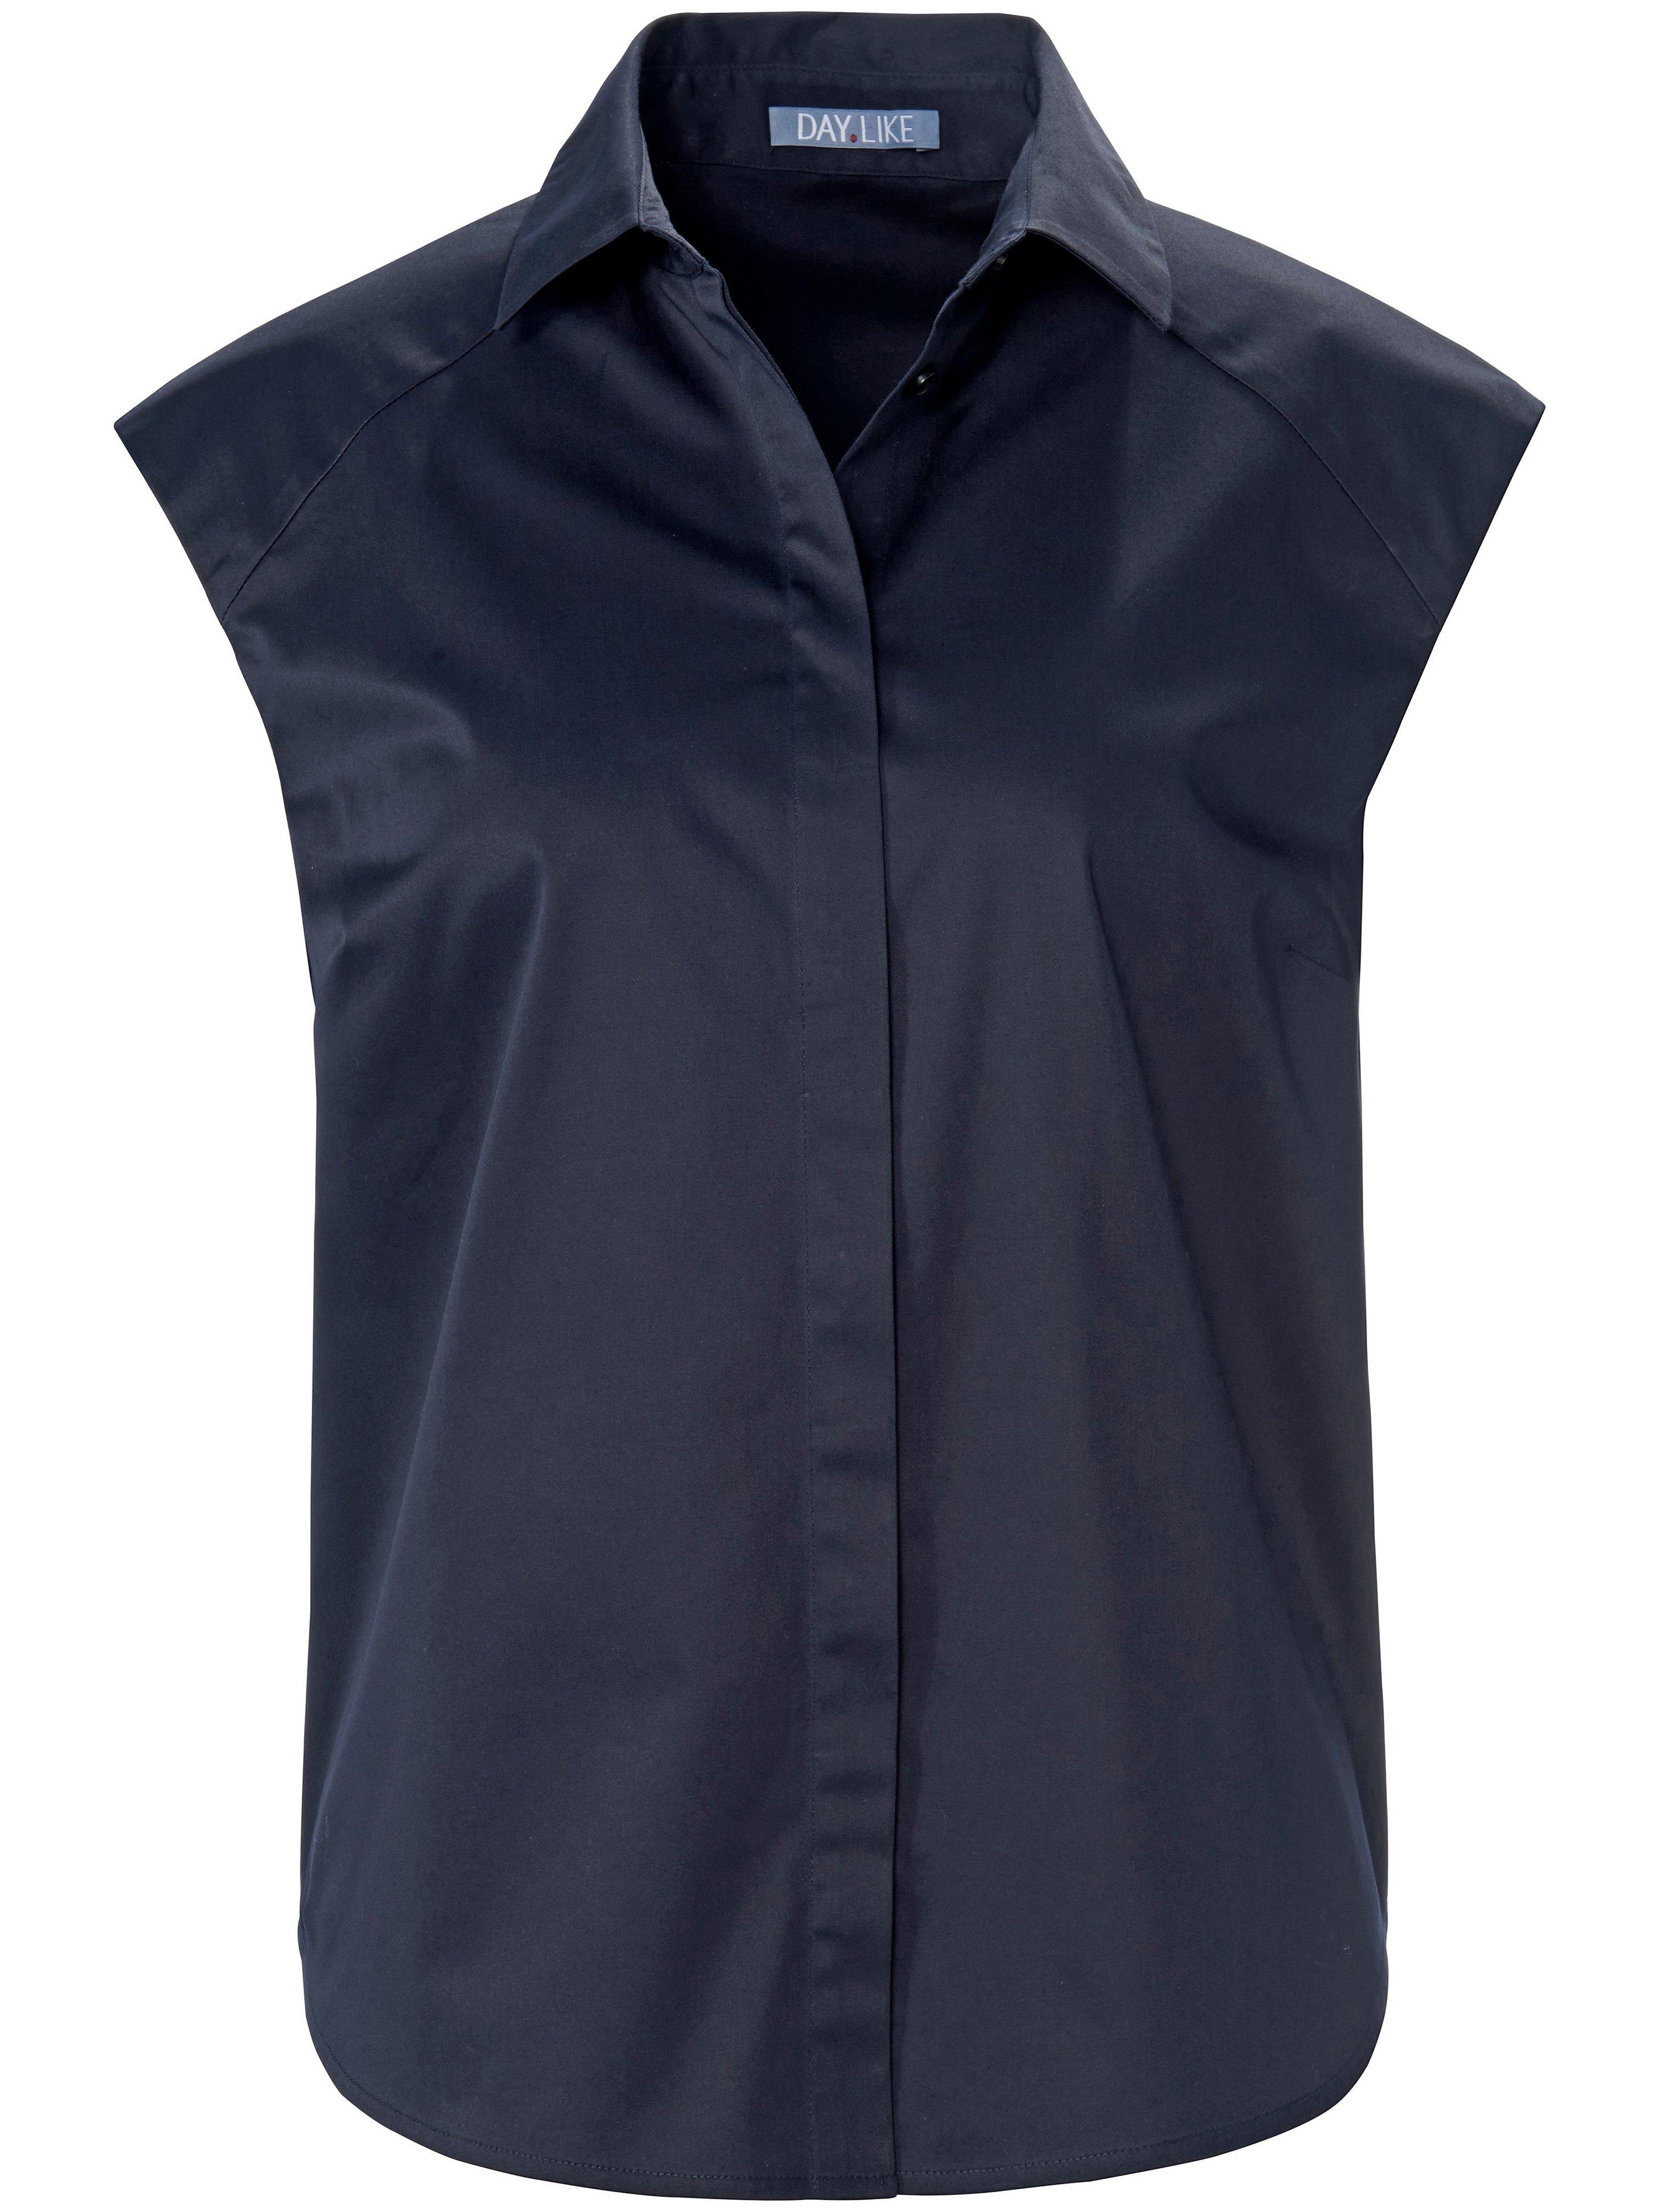 Mouwloze blouse overhemdkraag Van DAY.LIKE blauw